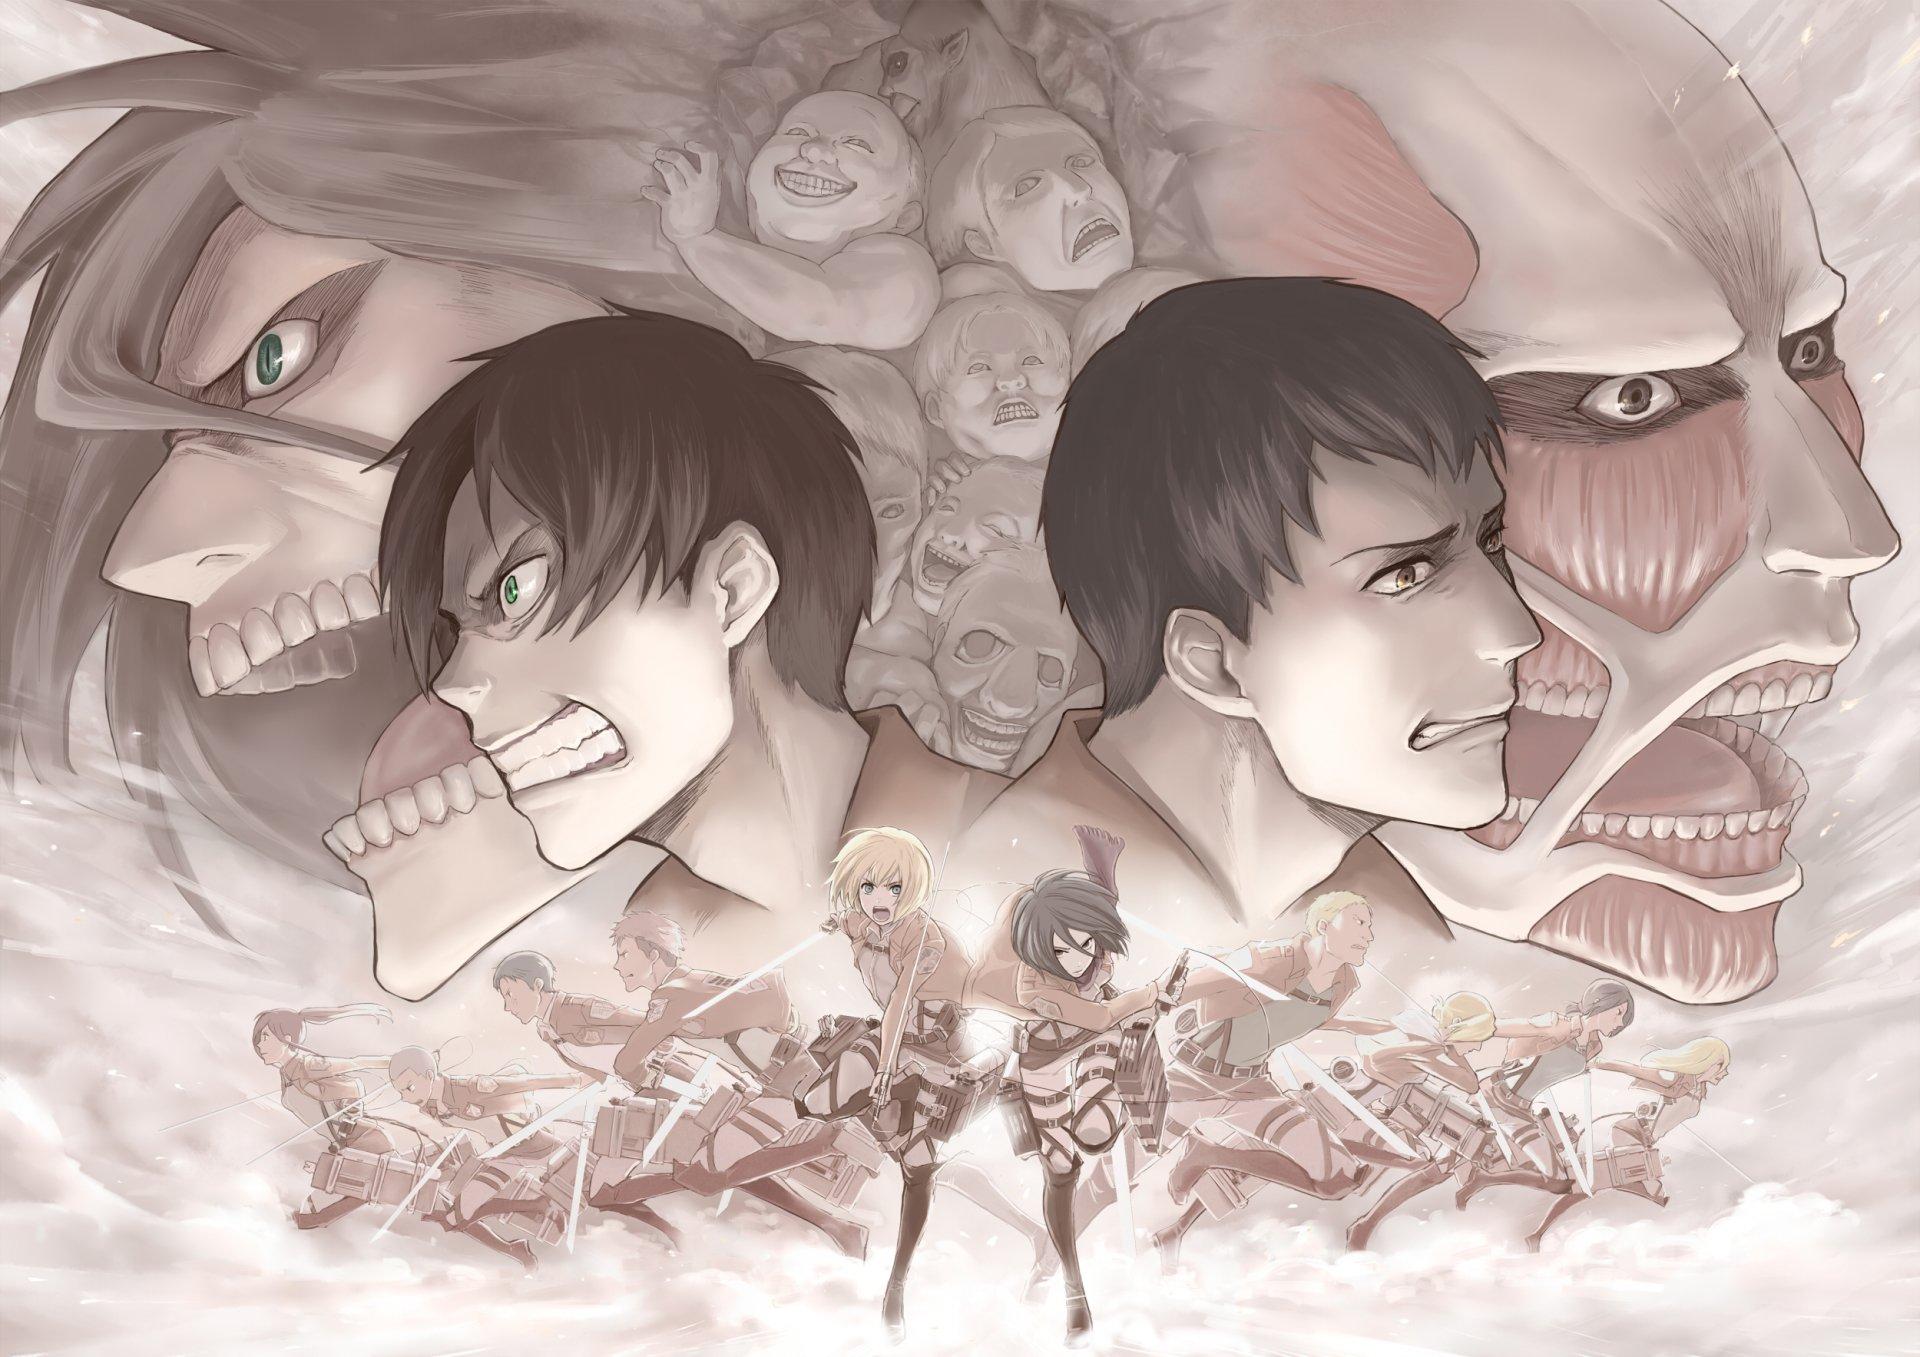 Anime - Attack On Titan  Reiner Braun Mikasa Ackerman Jean Kirstein Eren Yeager Historia Reiss Bertholdt Fubar Armin Arlert Annie Leonhart Wallpaper